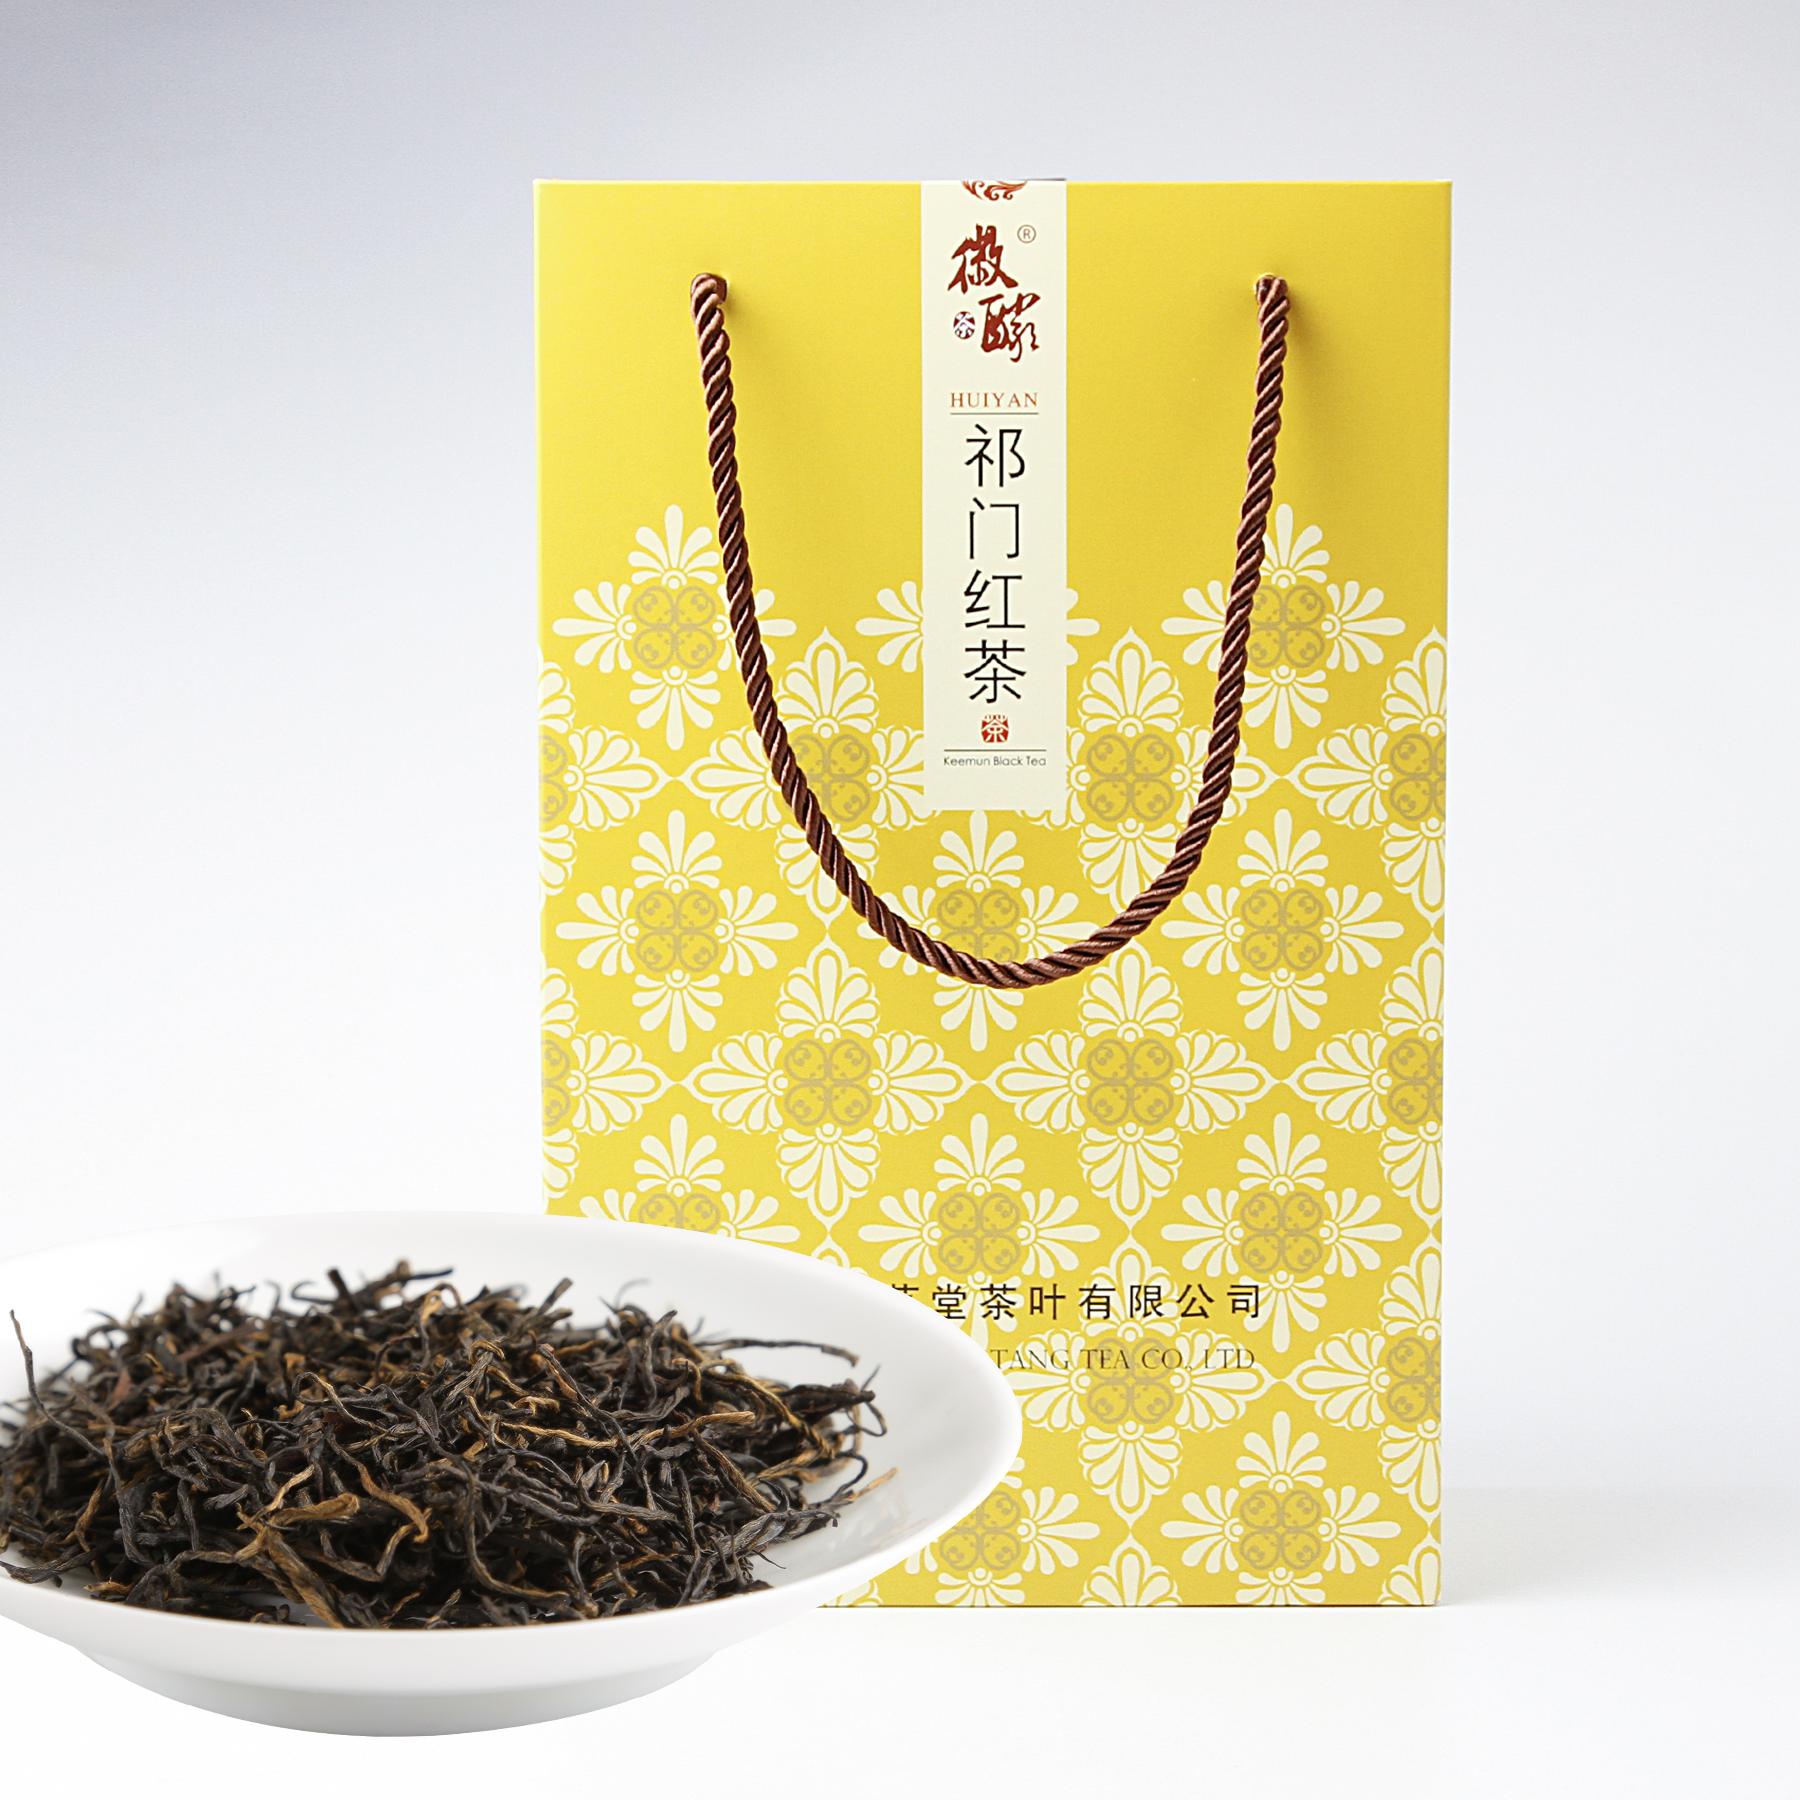 特级祁门红茶(2017)红茶价格1196元/斤